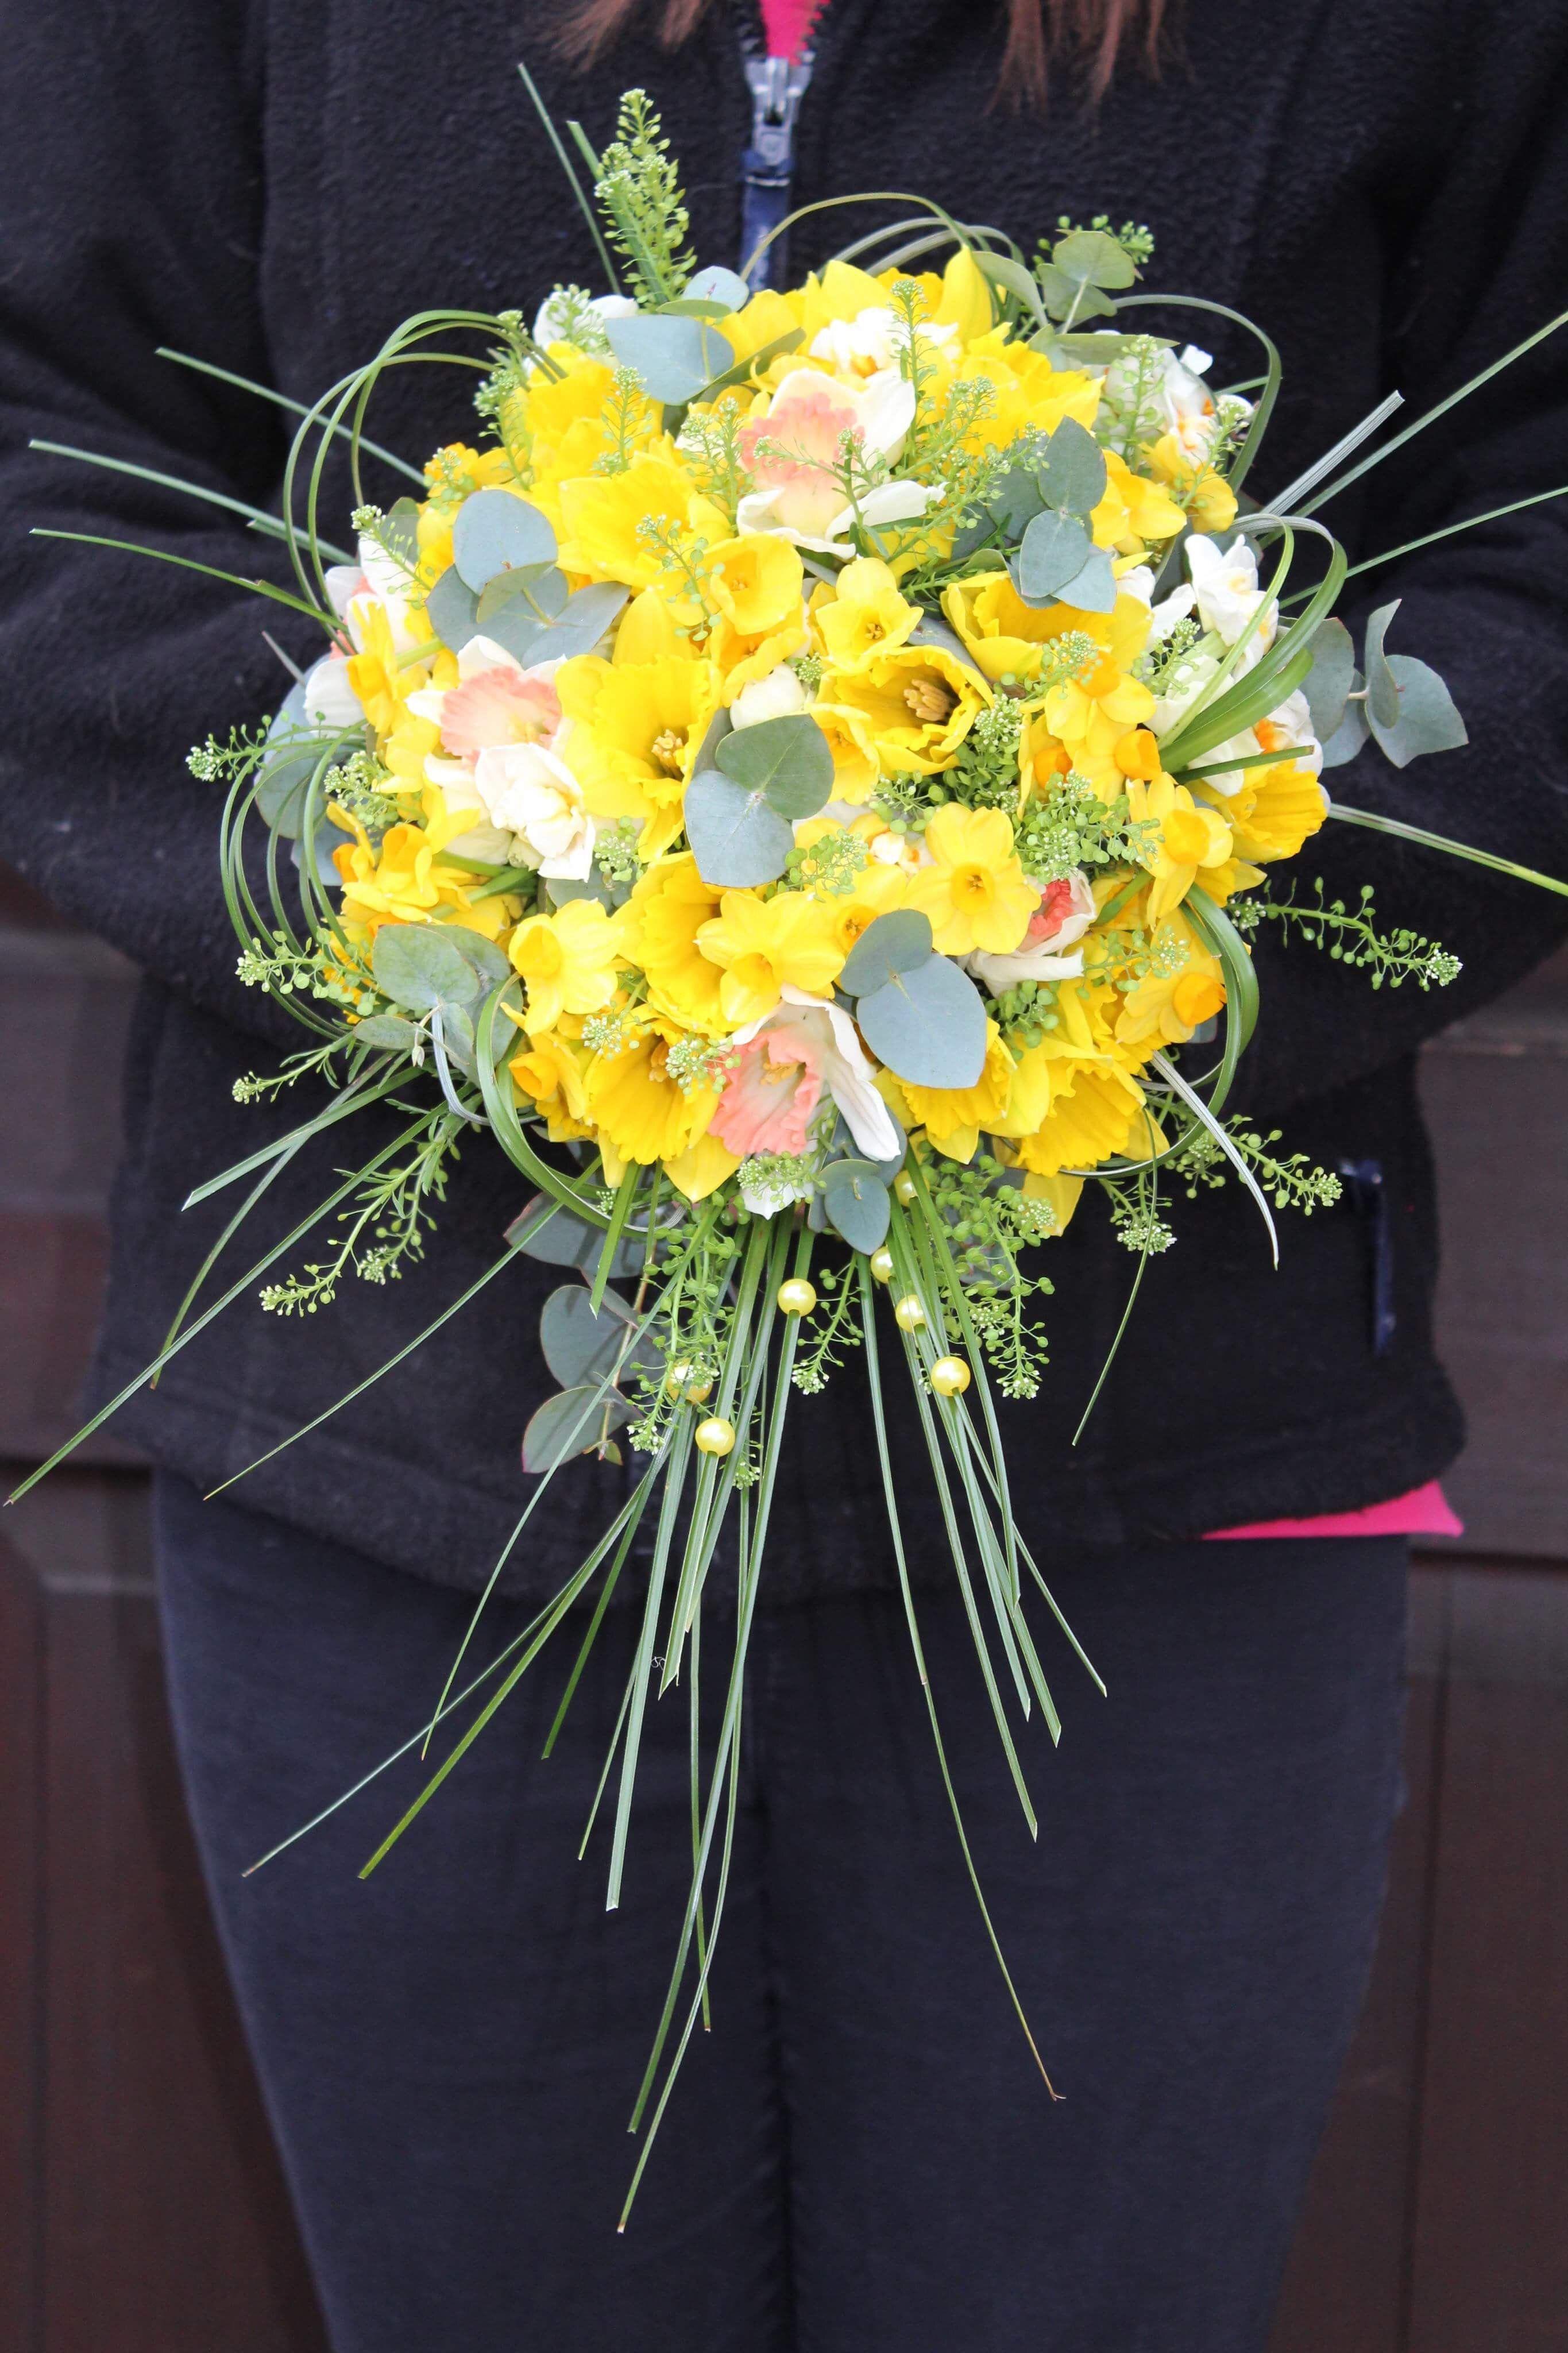 Daffodil Wedding Bouquet Daffodil Wedding Daffodil Bouquet Wedding Daffodil Wedding Flowers